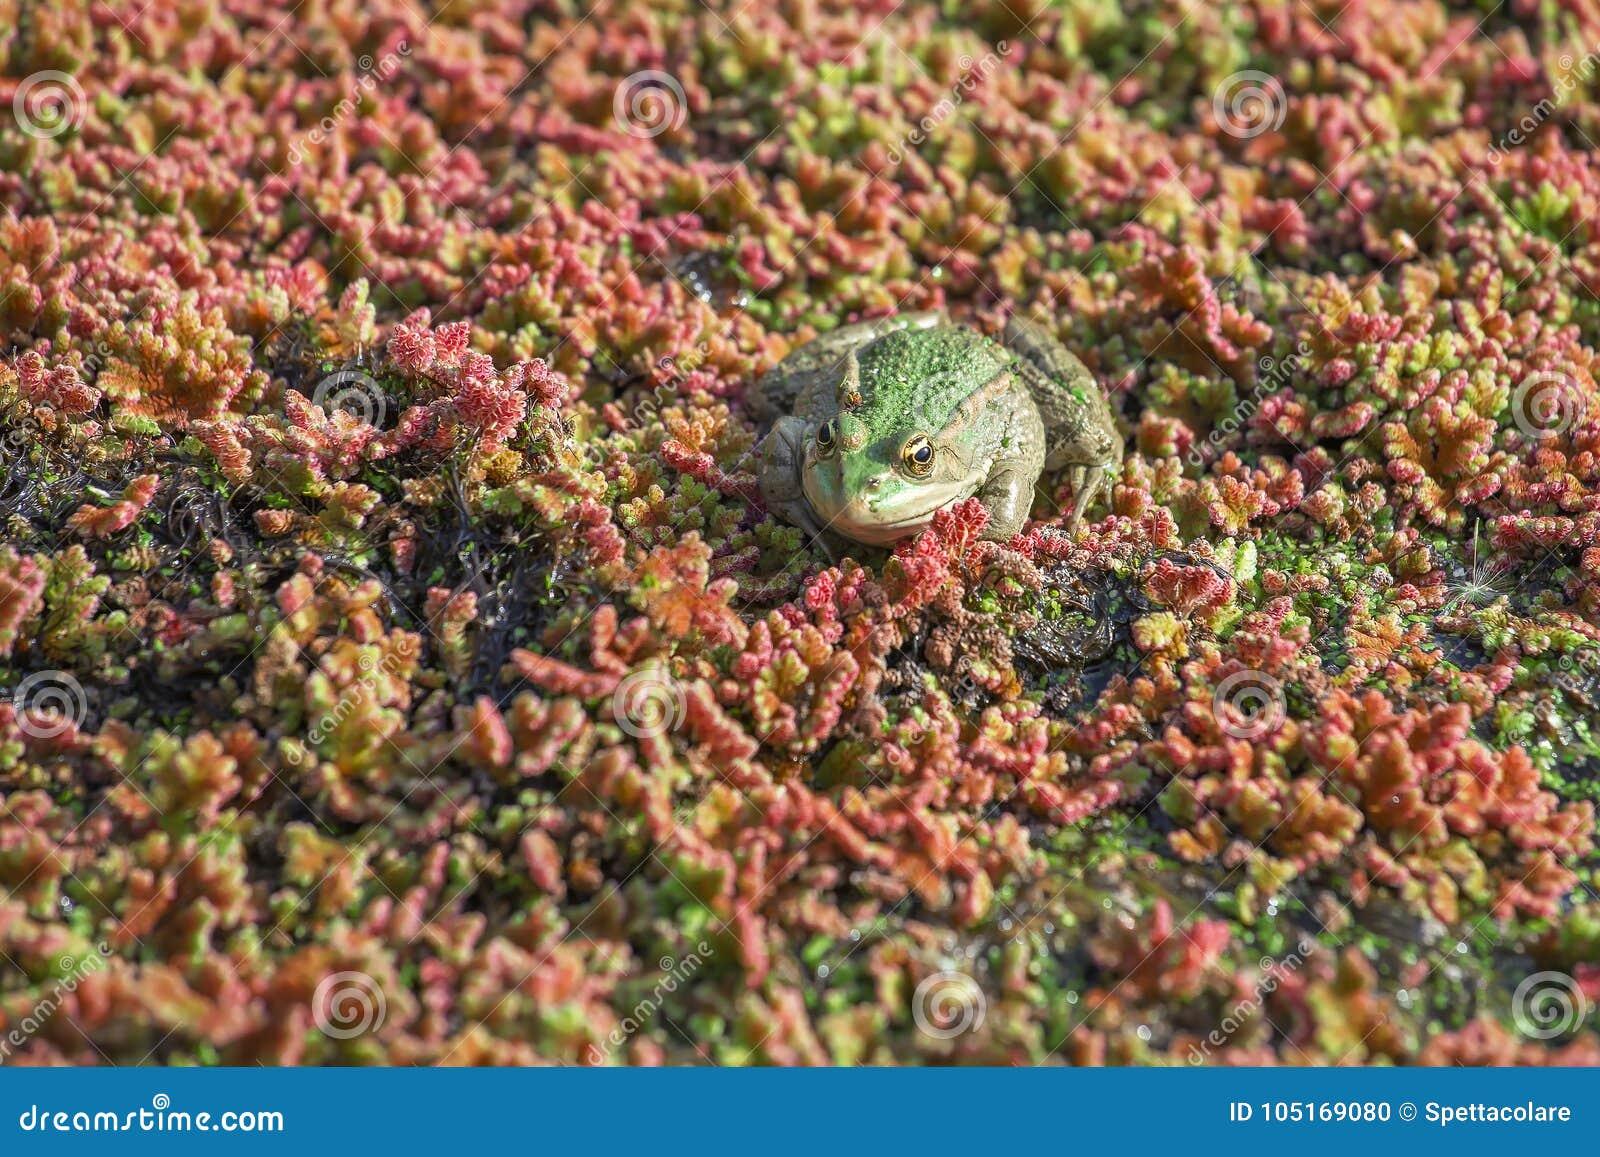 Βάτραχος στο φυκώδη αφρό, θολωμένες υδρόβιες εγκαταστάσεις